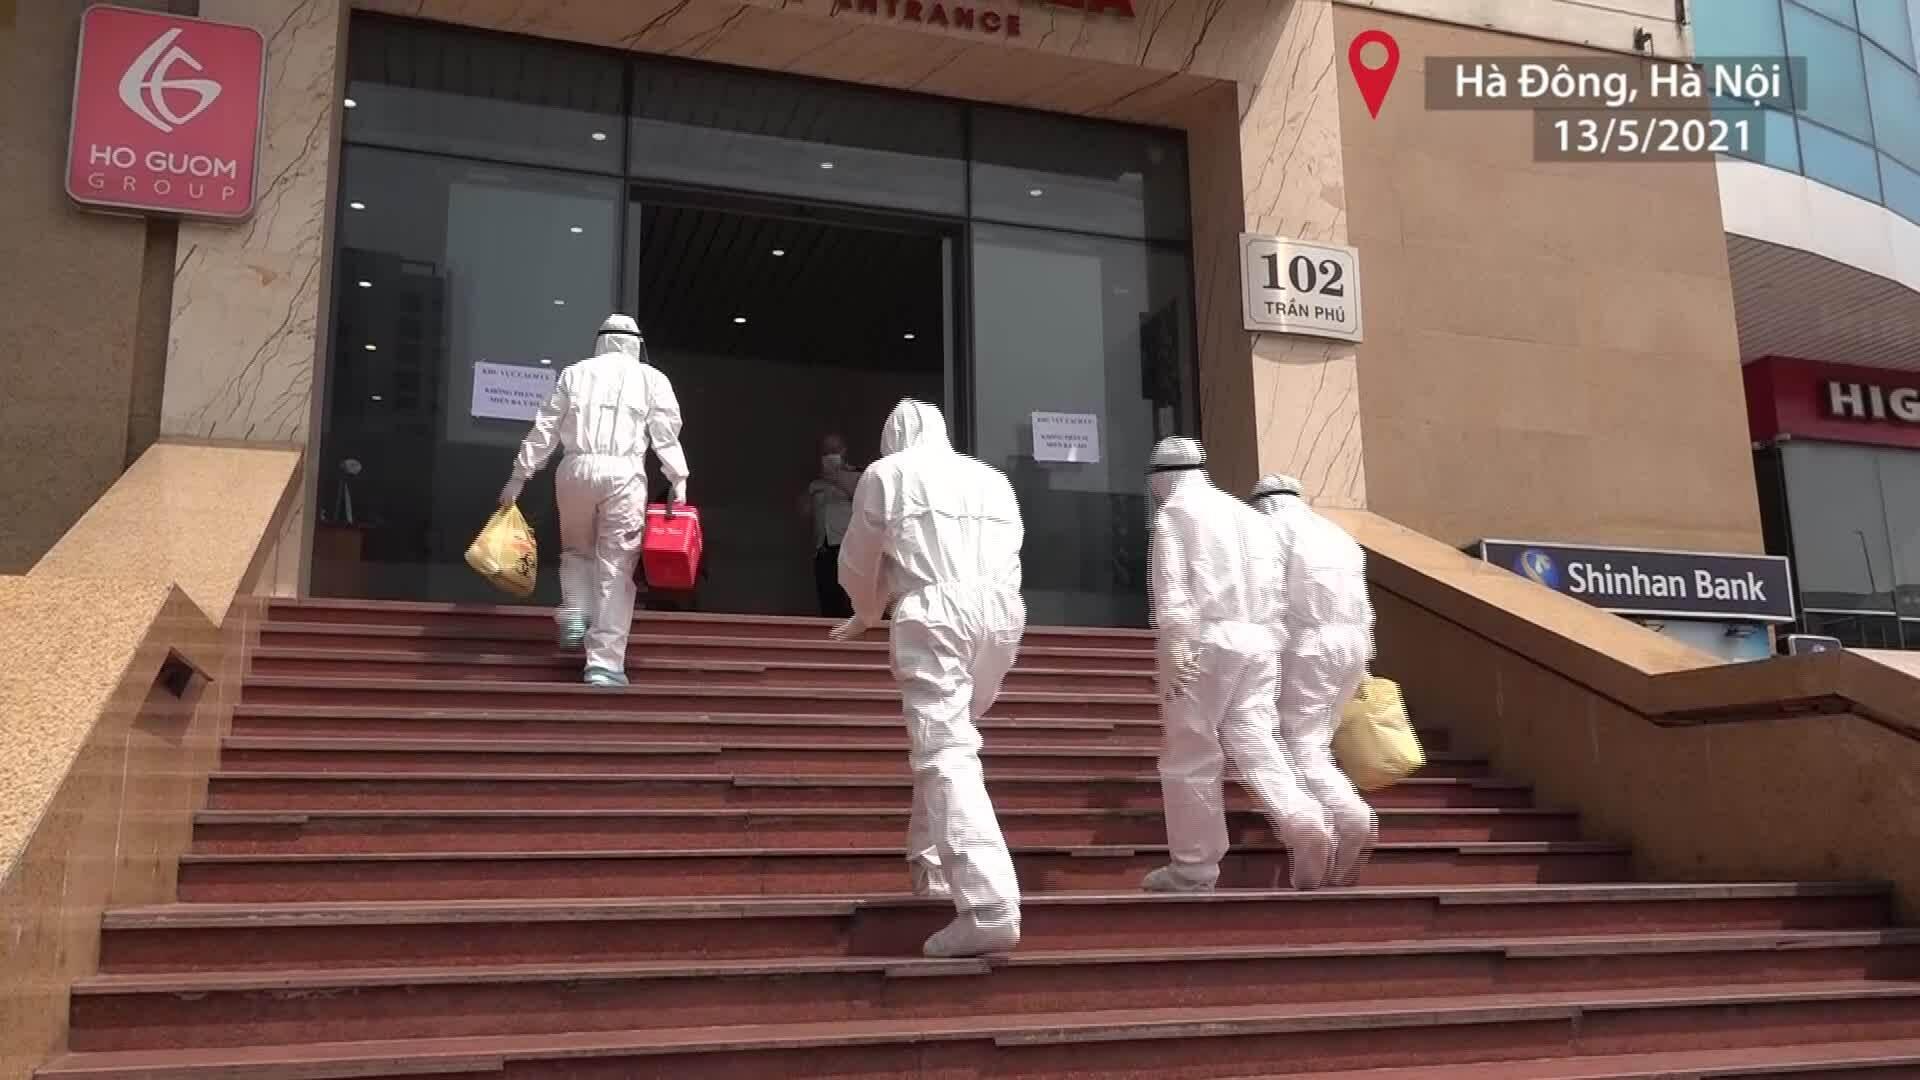 Phong tỏa hai chung cư vì hai ca nhiễm Covid-19 liên quan Bệnh nhân 3634